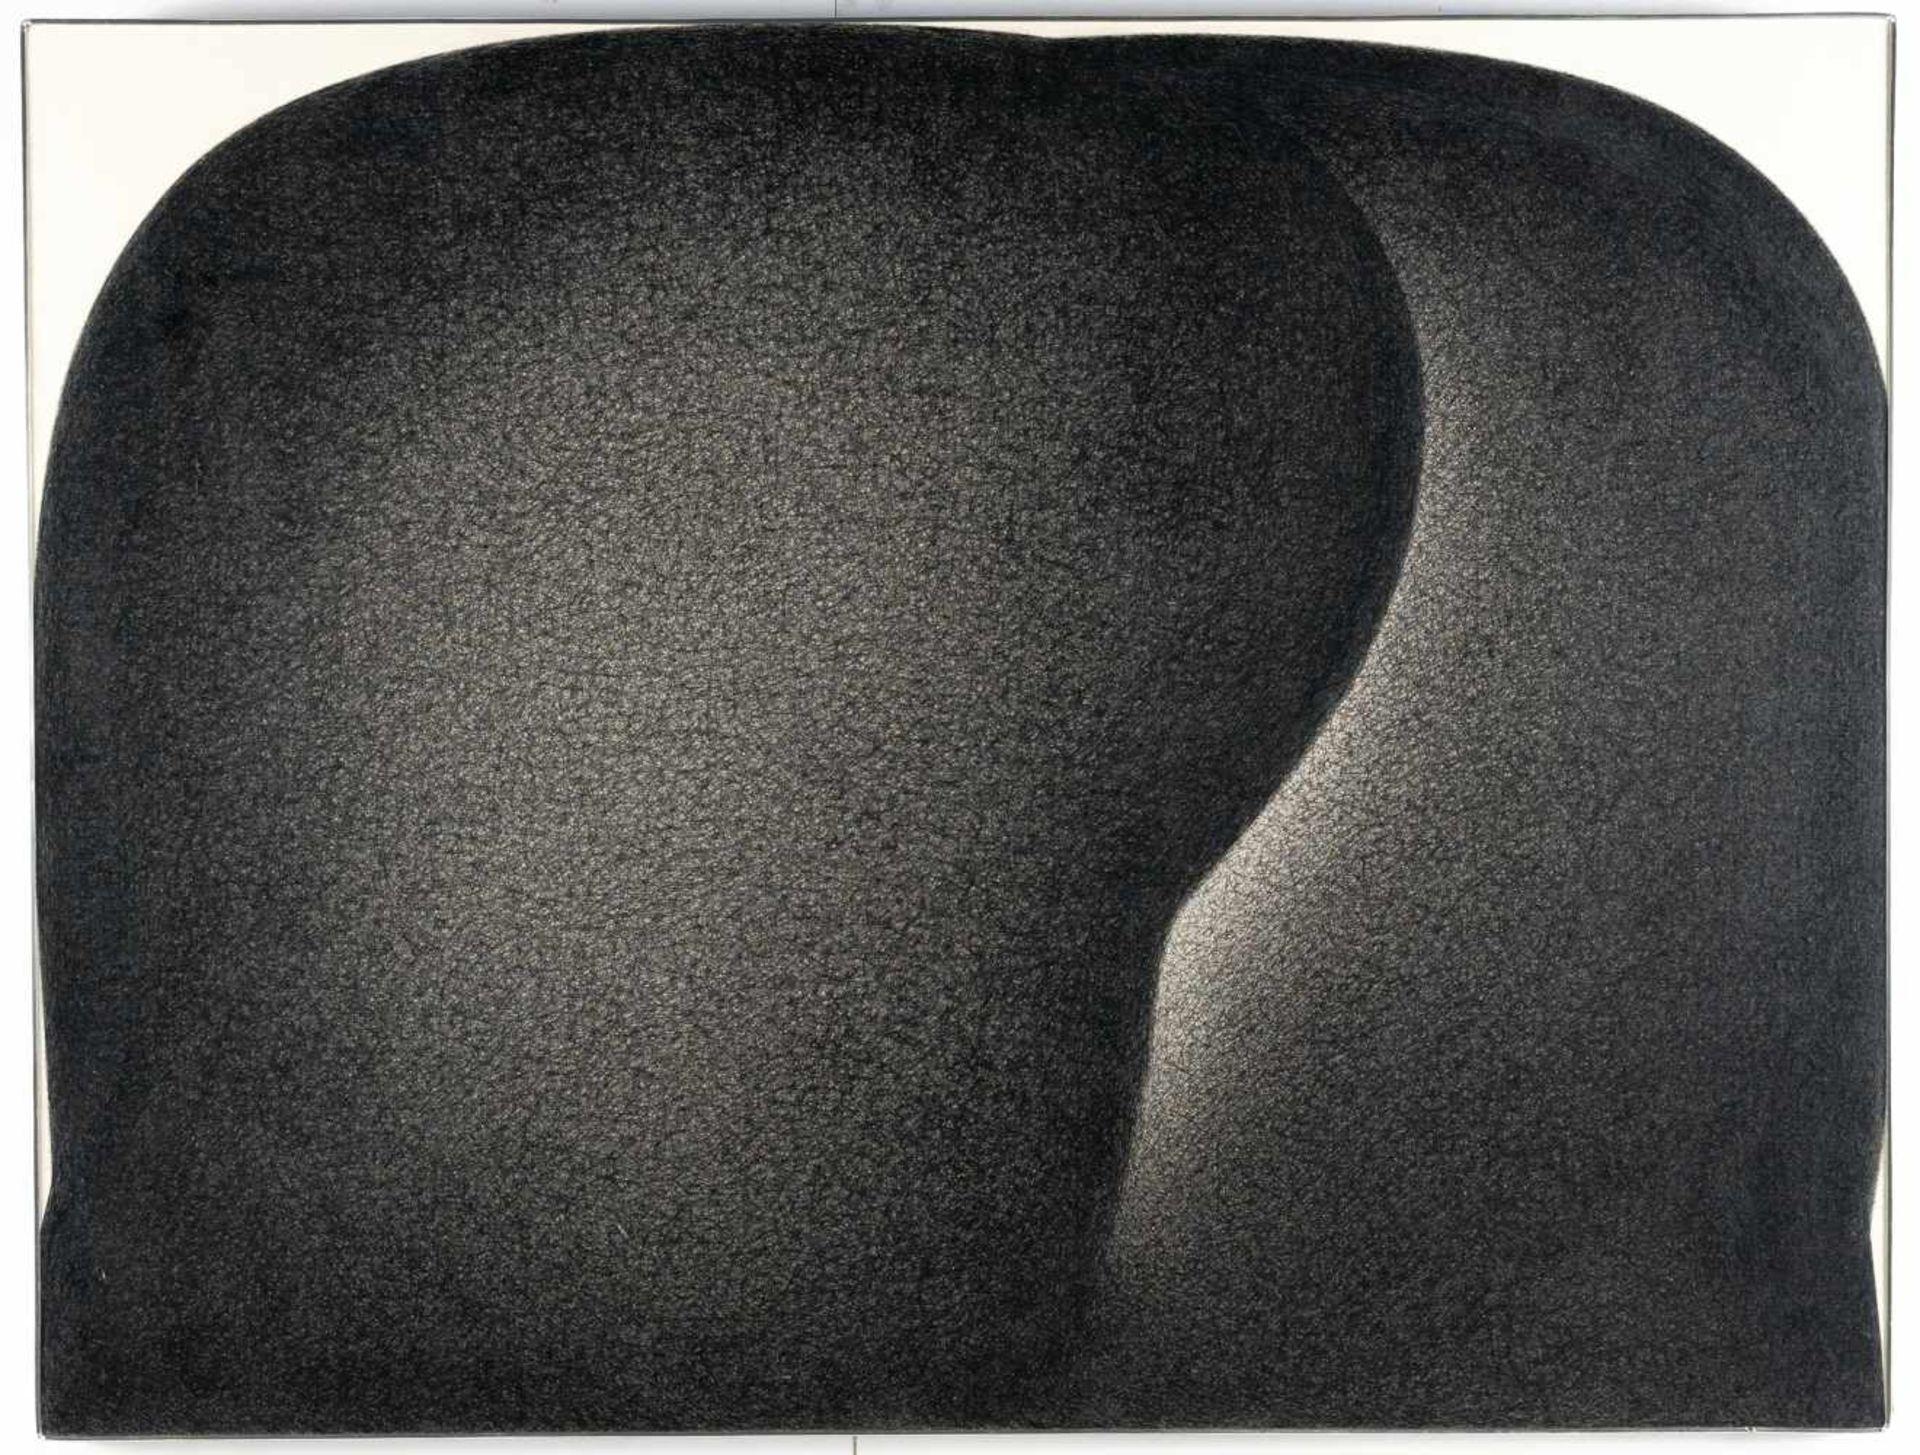 Werner Knaupp - Bild 2 aus 3